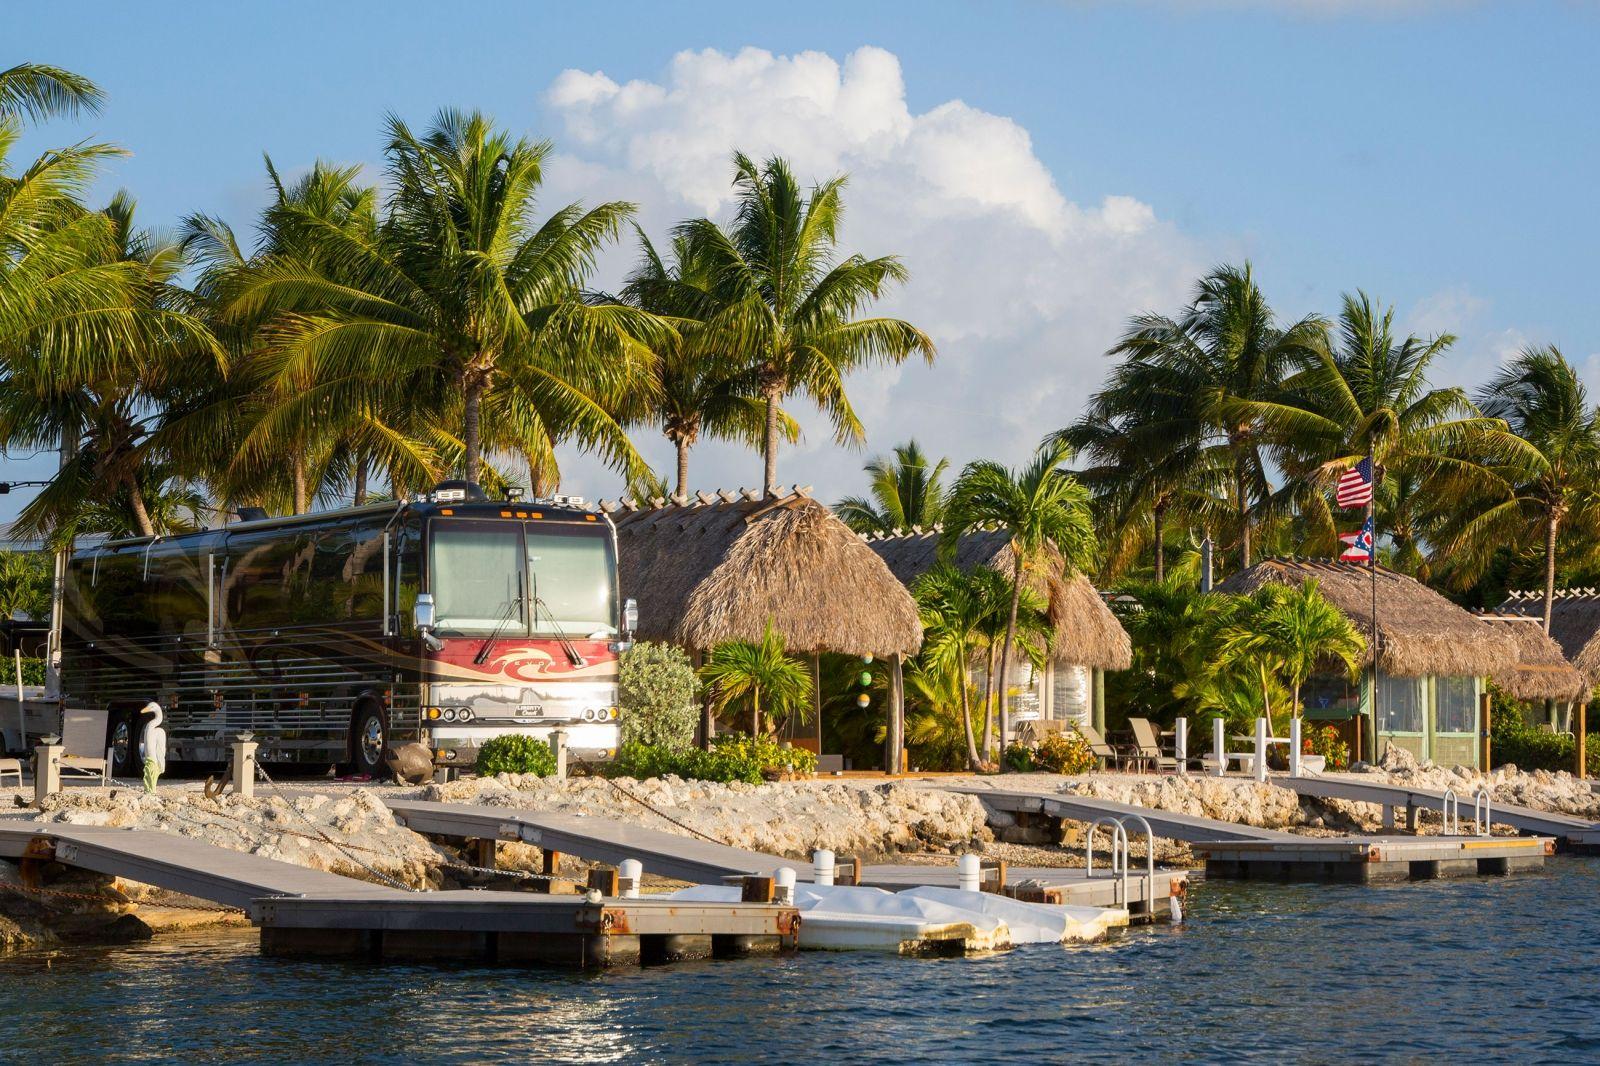 Blue Water Key West Floridaa Luxury RV Resort